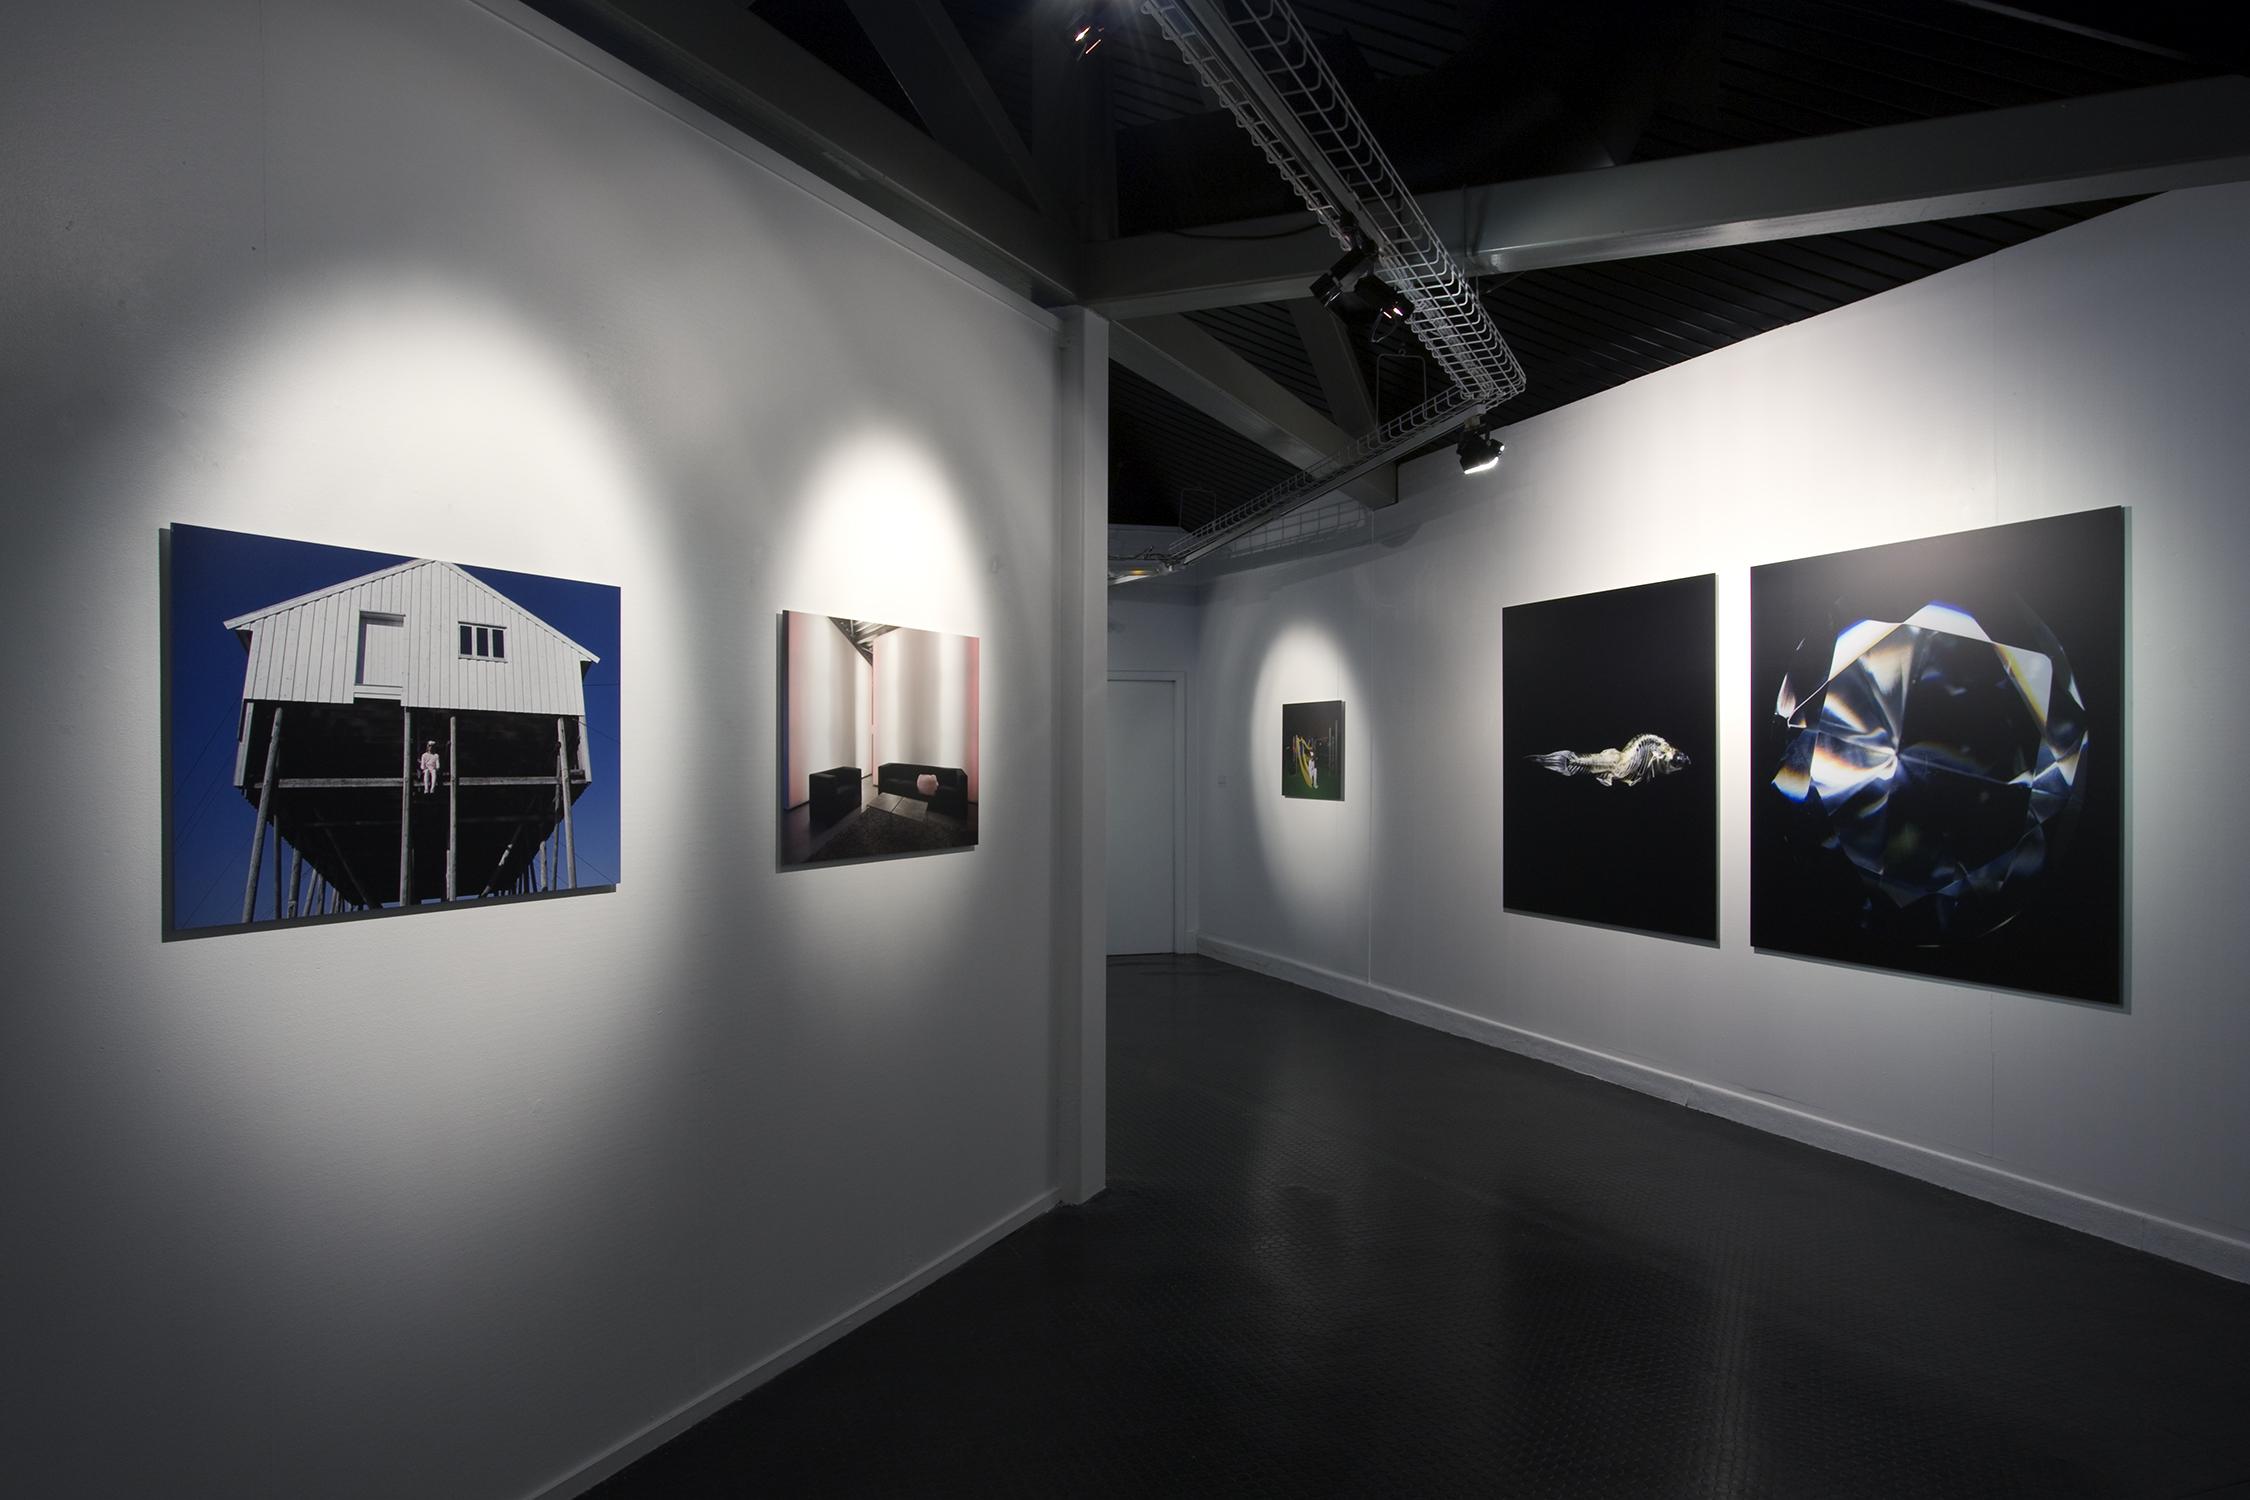 Truc-Anh_2010_Galerie-Le-Lieu_Pan-Peter_06